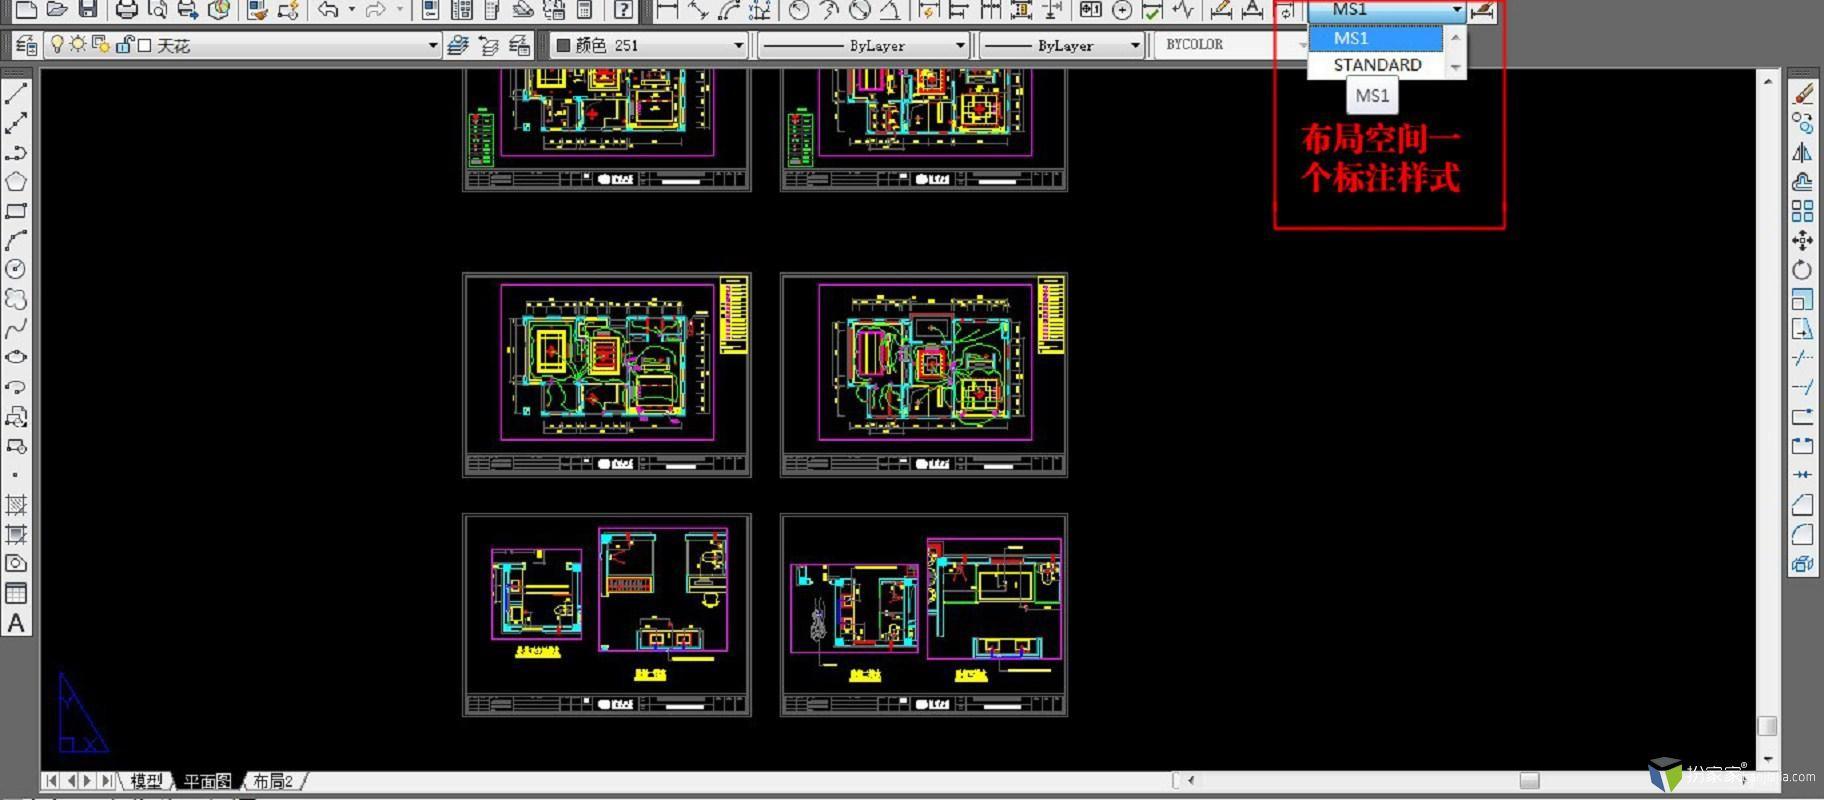 最近关于布局画图的话题是越来越多,布局画图已经成为时下的一种趋势,所以纯子也收集了一些关于布局绘图的资料和知识,先和大家分享一下收集来的cad布局绘图设计技巧吧~我们很多朋友都知道使用CAD布局绘制图给我们带来很多方便,那我们到底知道使用布局绘图有多少好处呢?我使用布局绘图总结了几点的好处分享给大家,希望能给大家学习布局带来帮助。